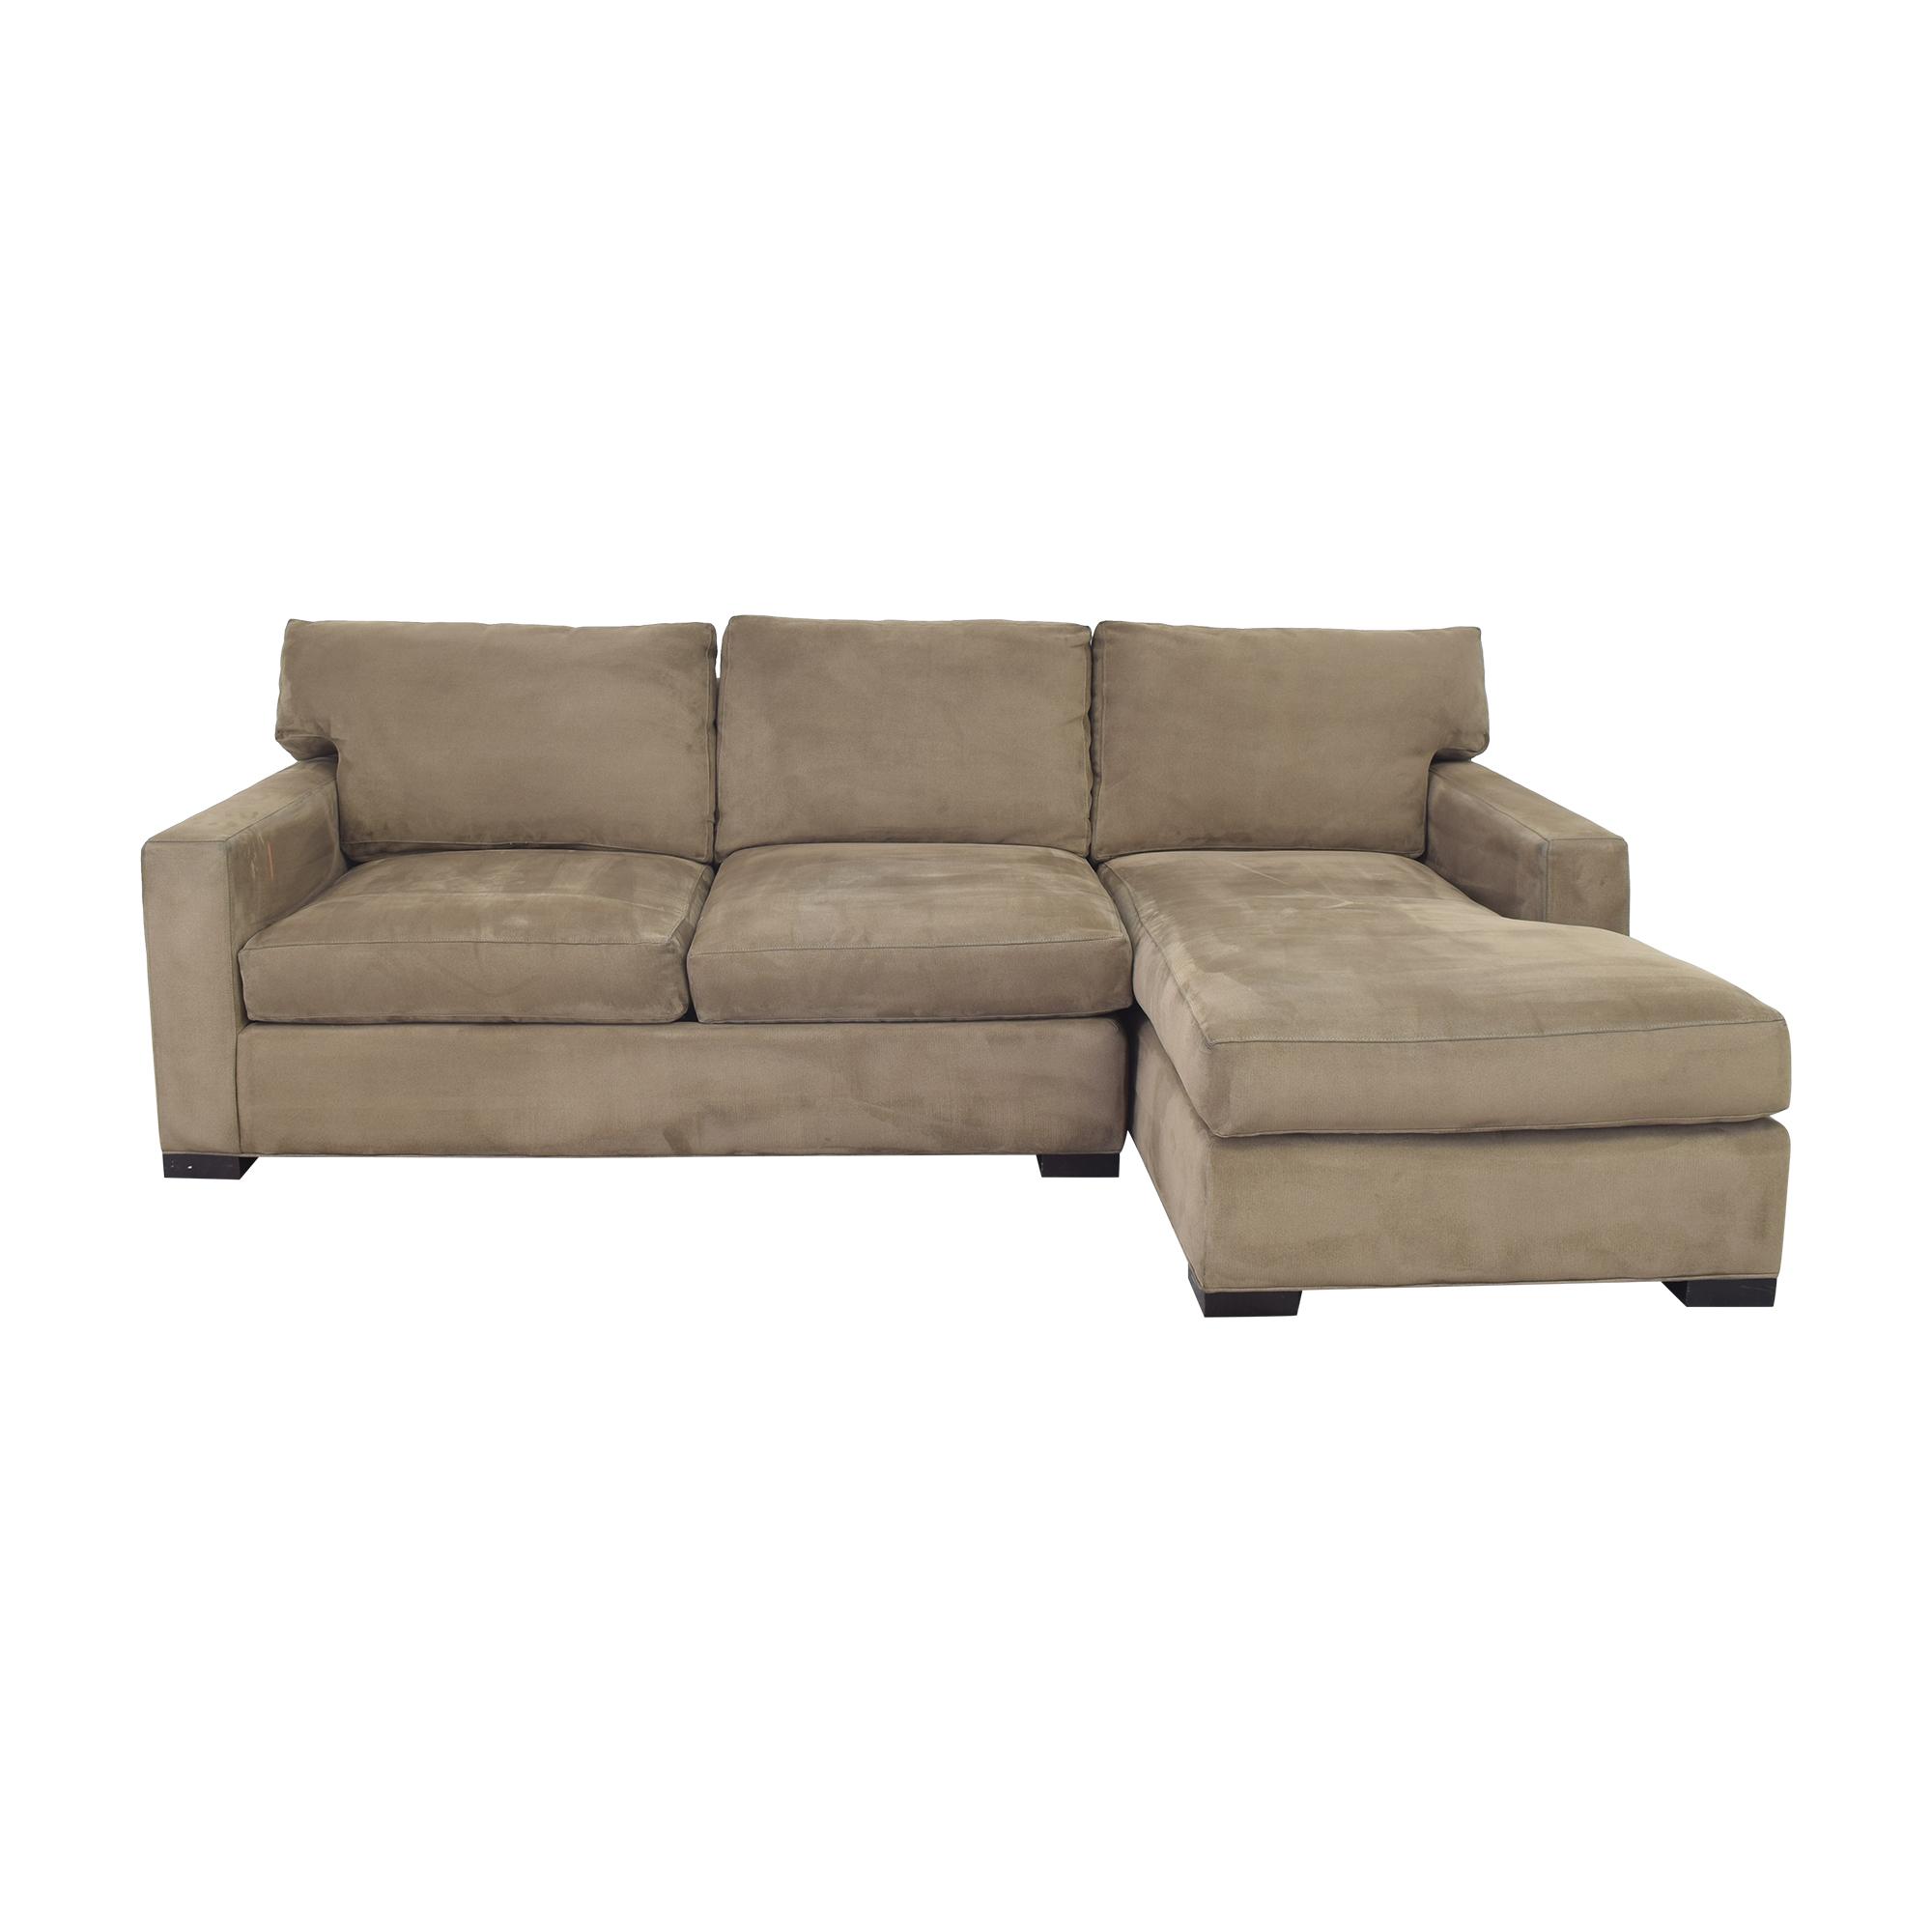 Crate & Barrel Crate & Barrel Axis Sectional Sofa nj